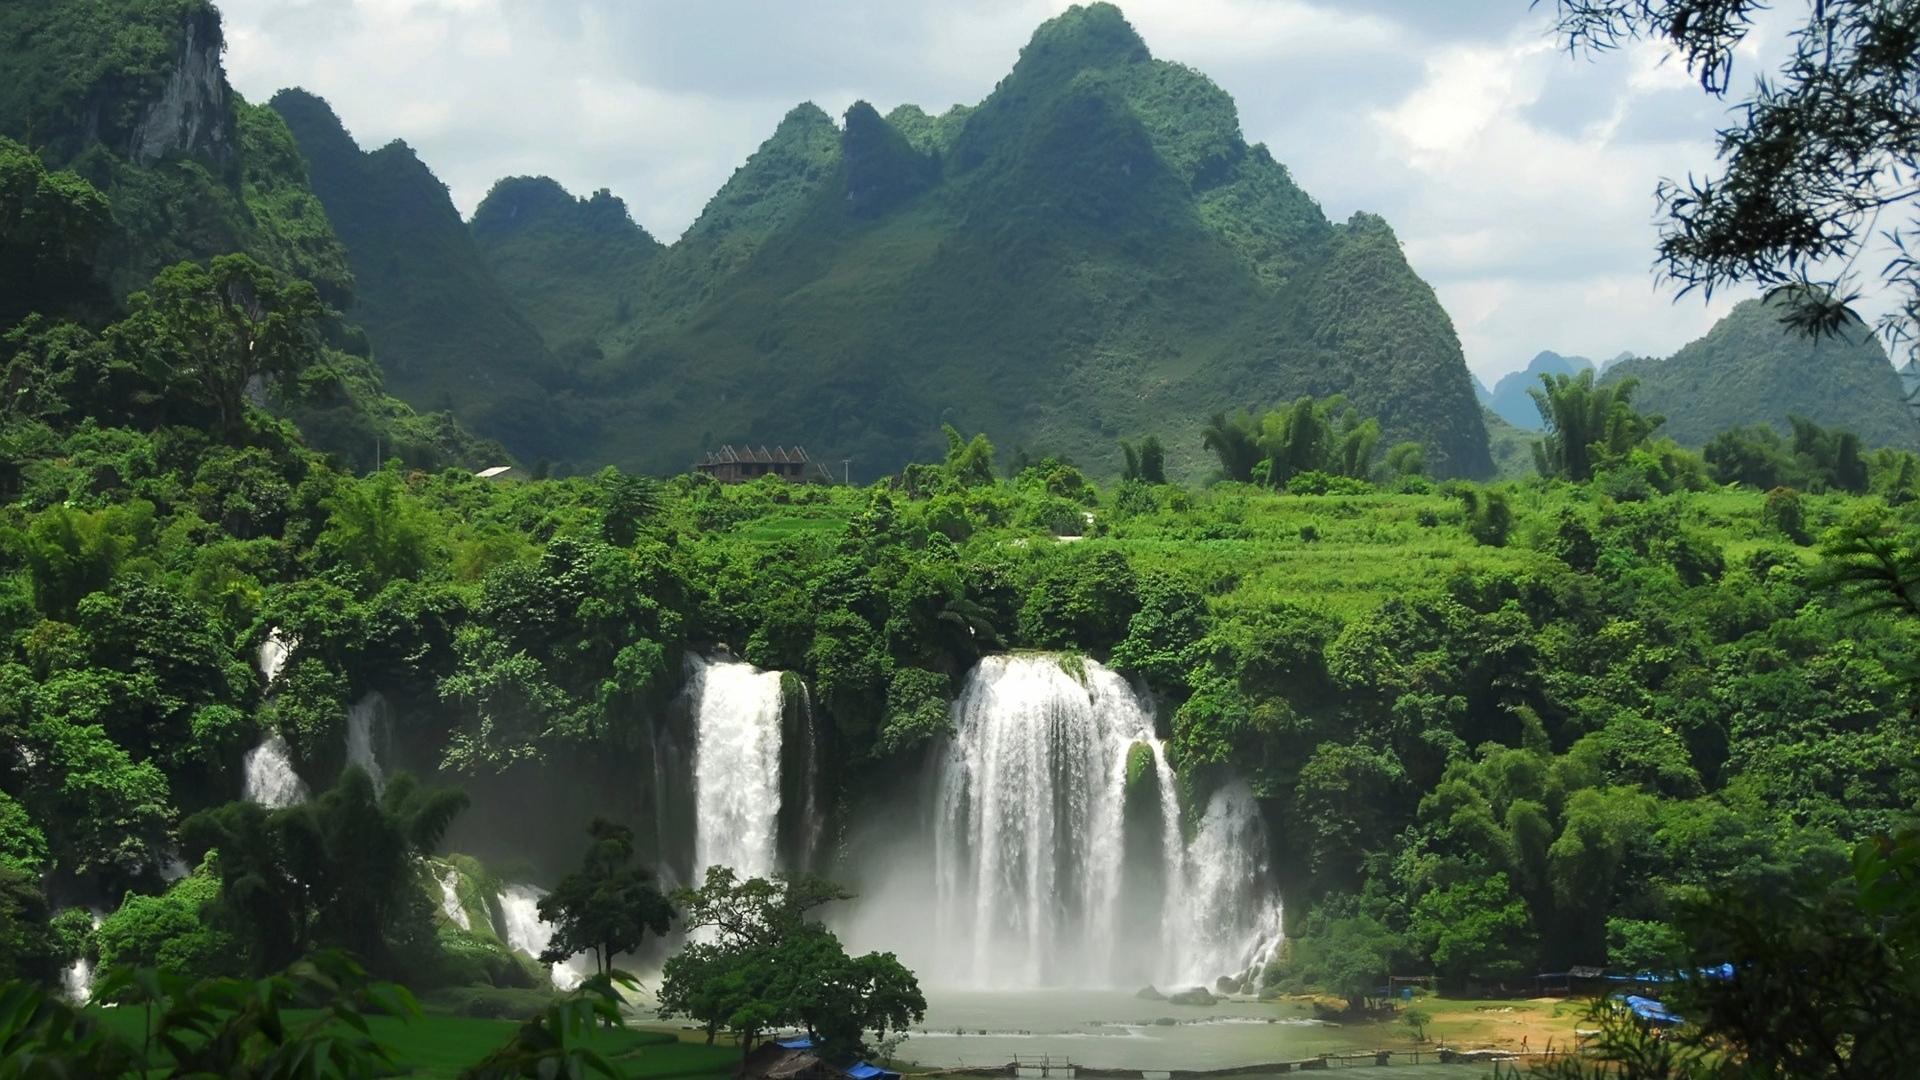 28521 скачать обои Пейзаж, Горы, Водопады - заставки и картинки бесплатно